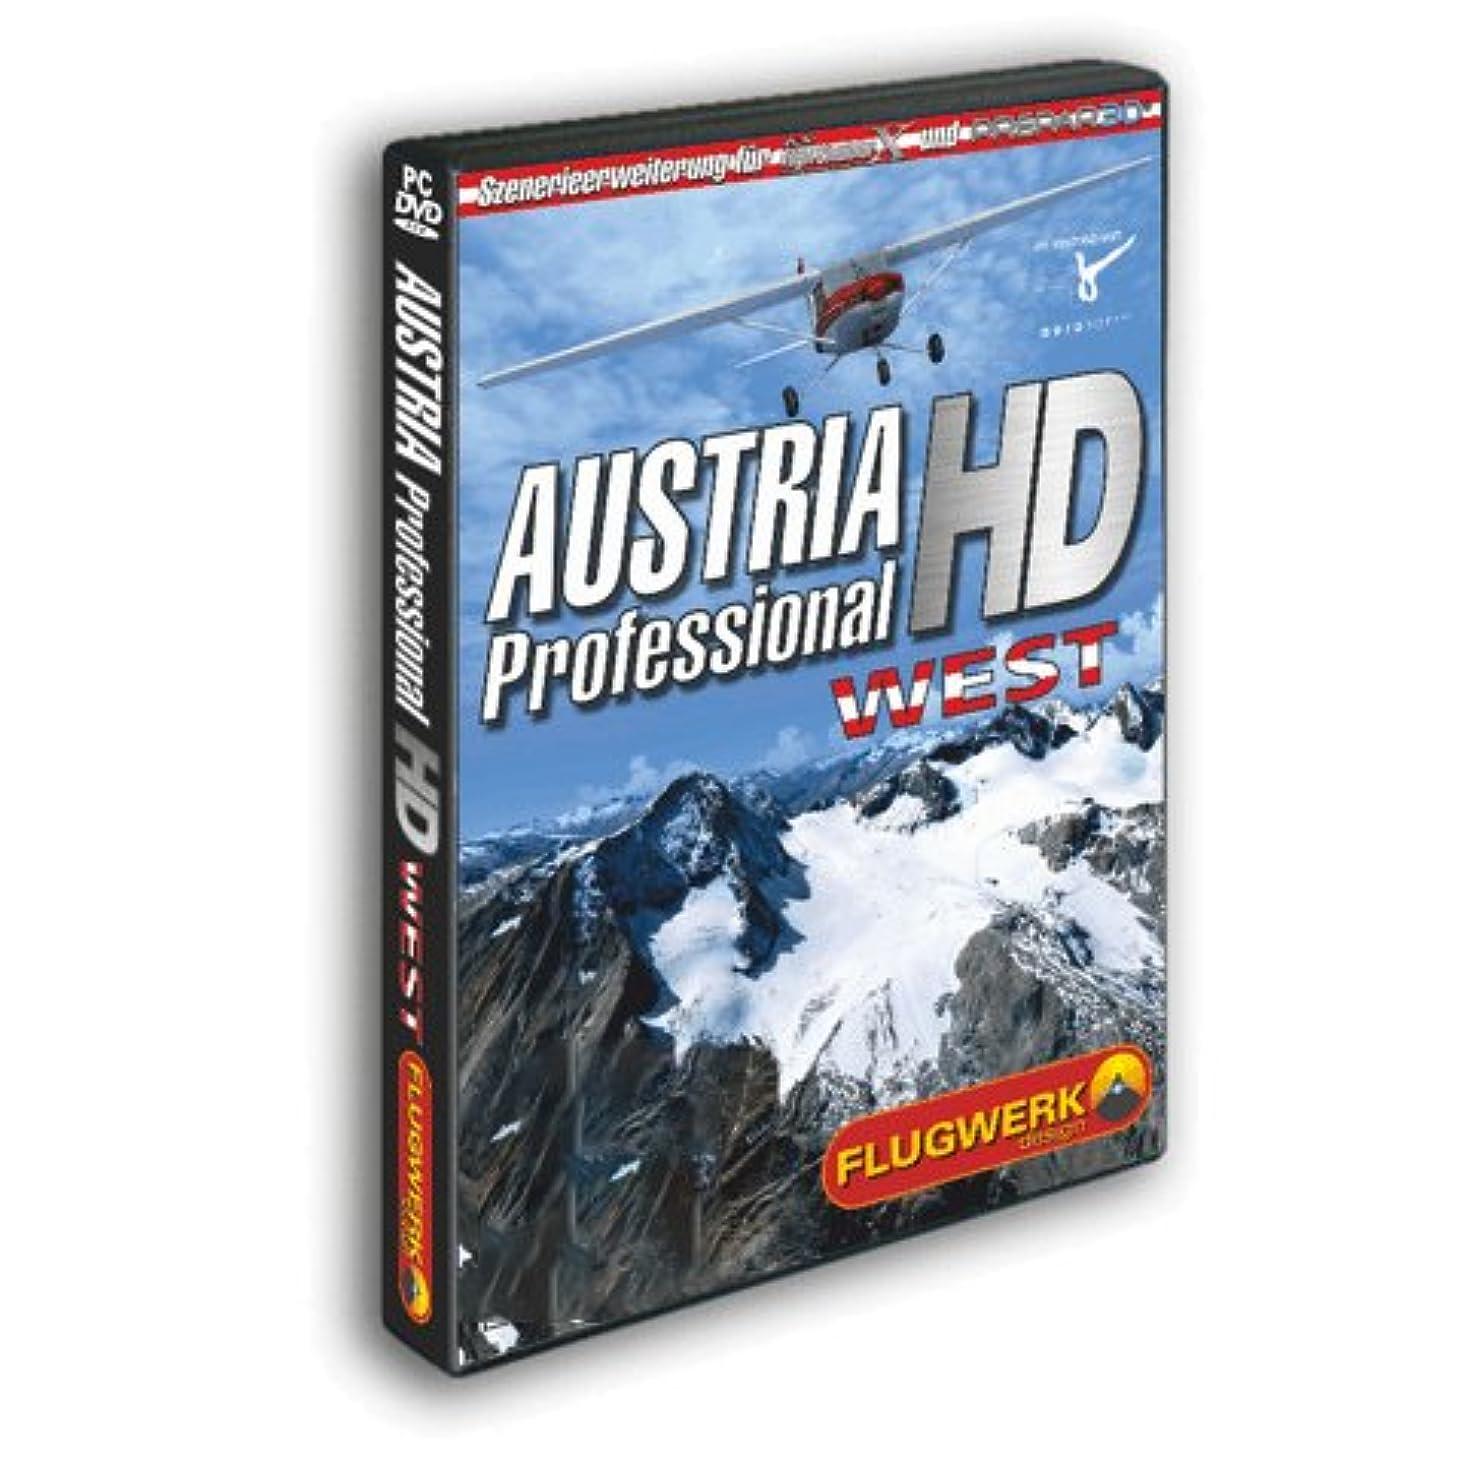 キー誓う酸っぱいAustria Professional HD - West (PC DVD) (輸入版)